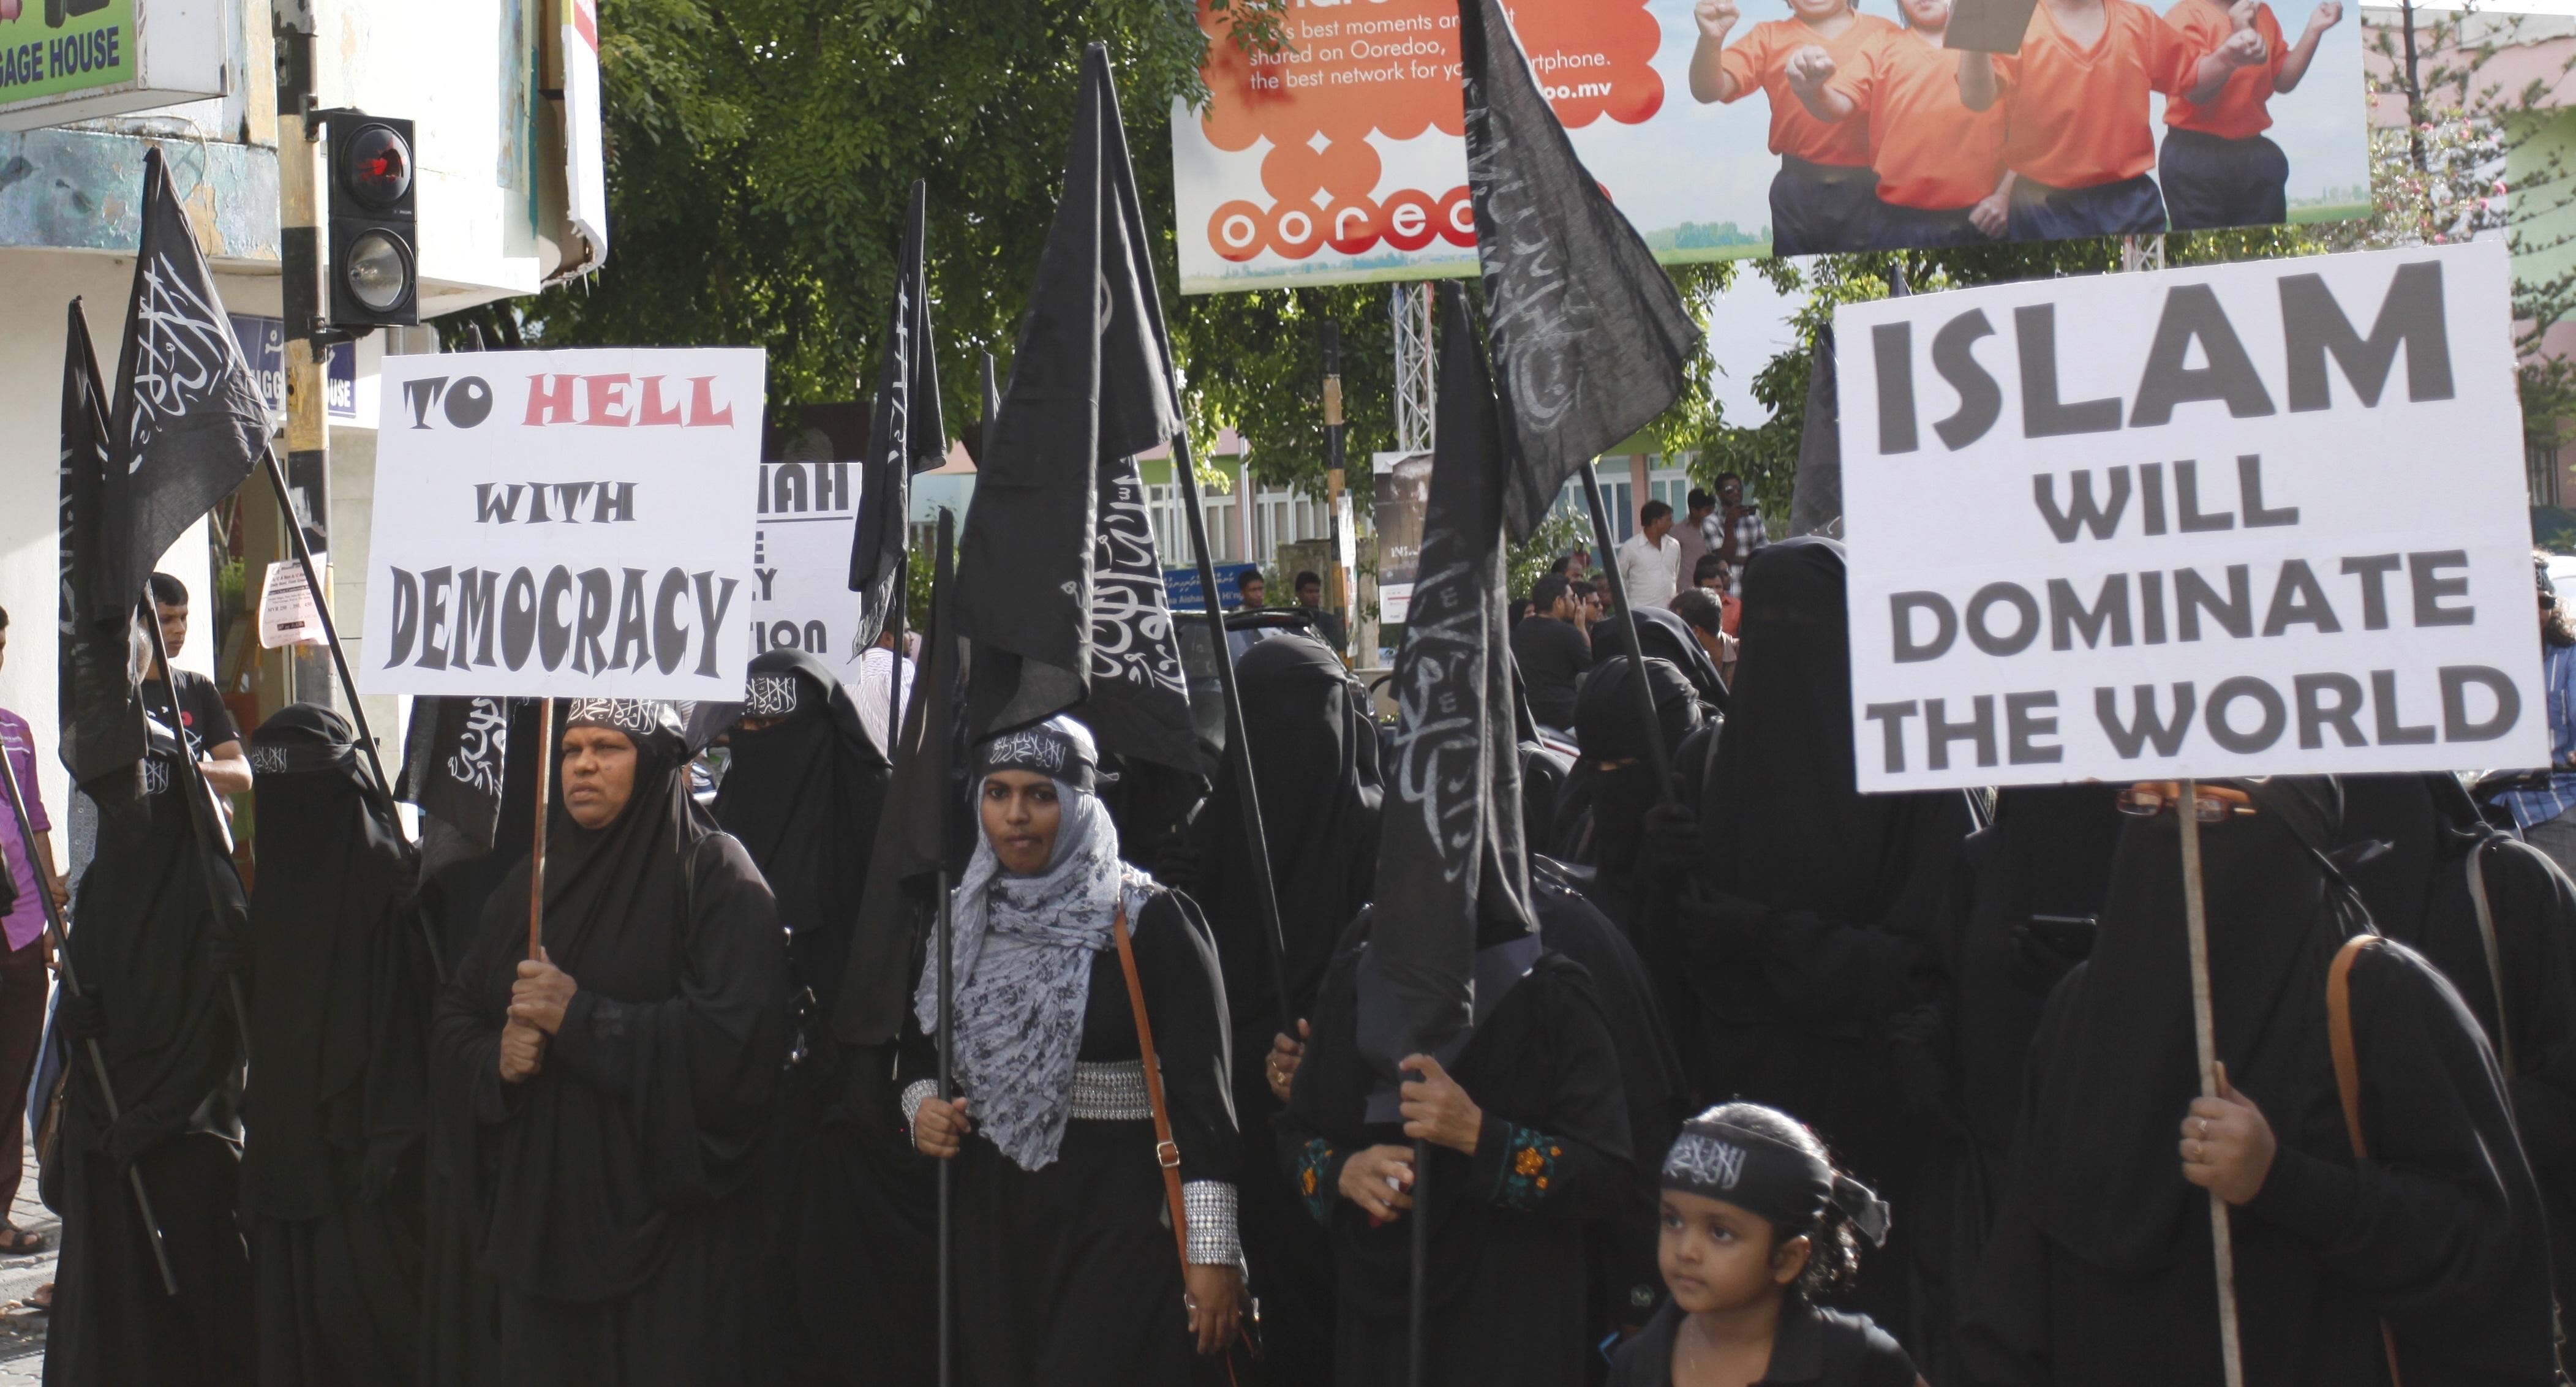 Katholieke geleerde: 'We kunnen niet ontkennen dat islam tot terrorisme leidt'